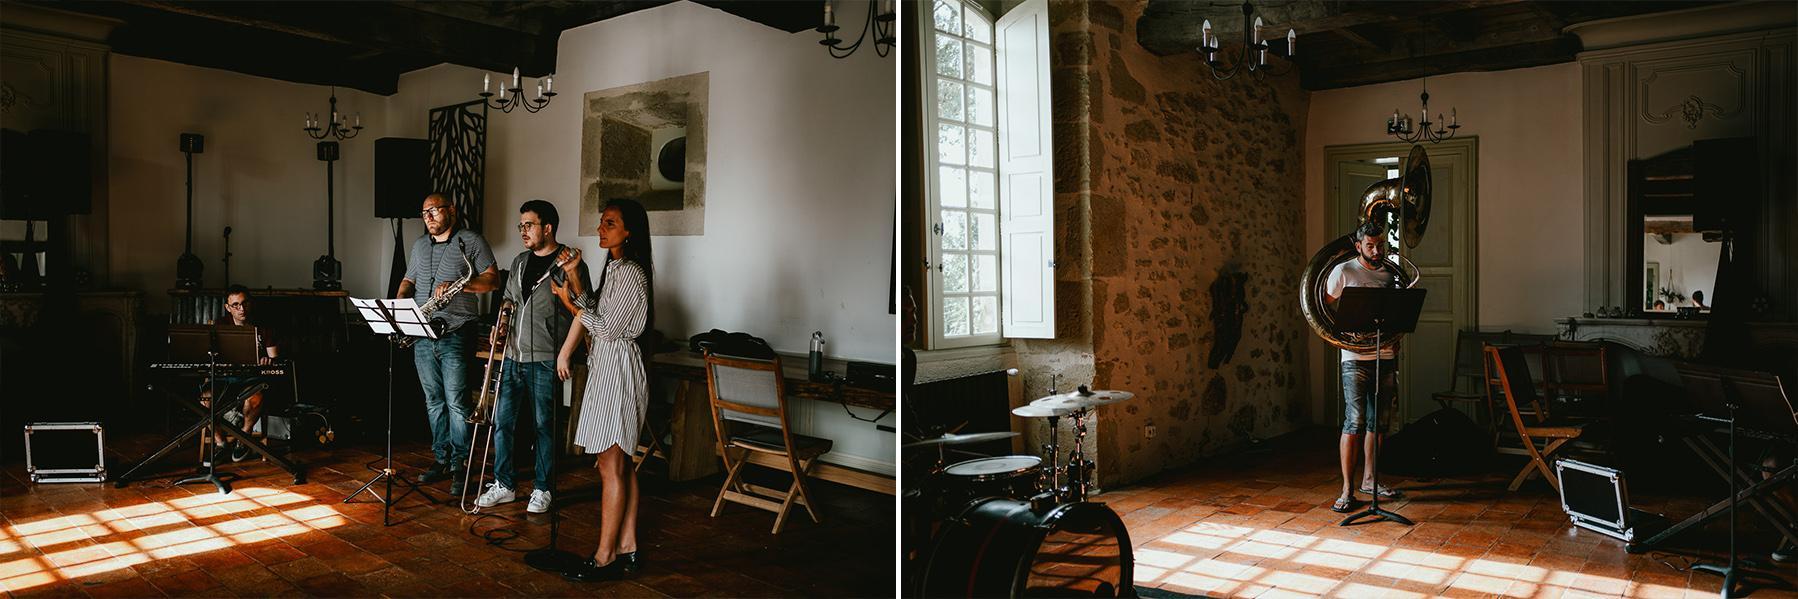 Photographe mariage landes musique chateau